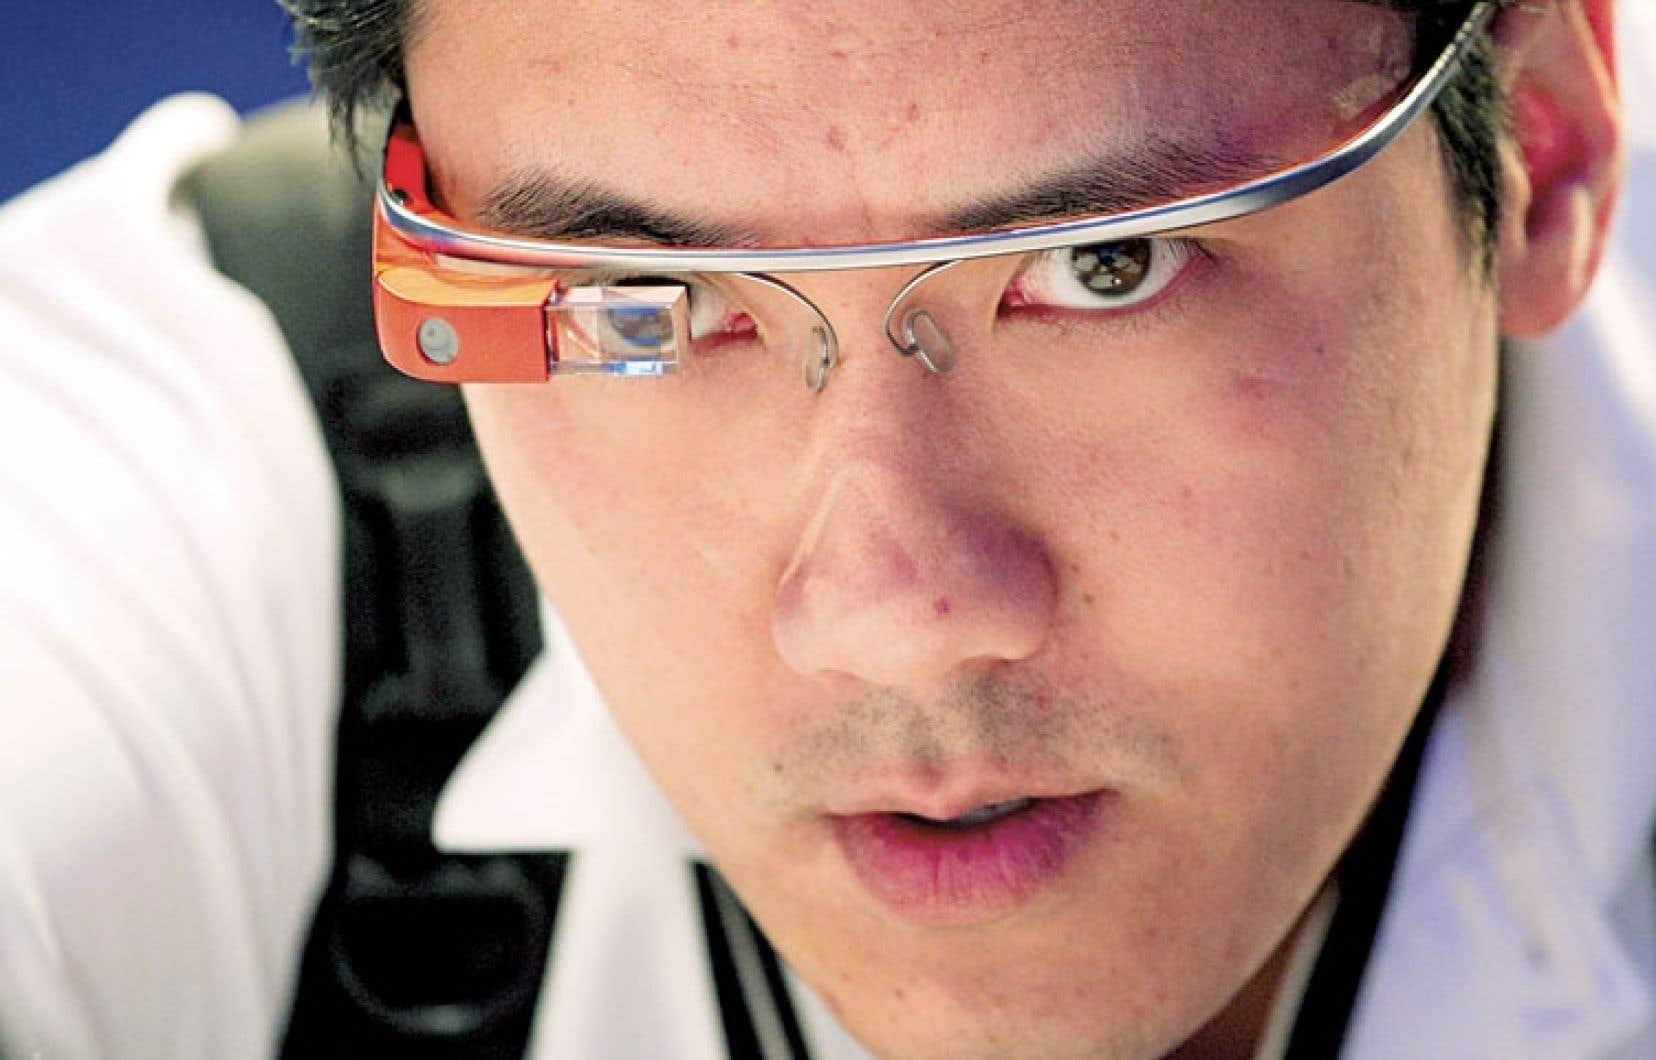 L'arrivée annoncée des Google Glasses, ces lunettes hyperconnectées, éveille un vent d'inquiétude dans les univers numériques.